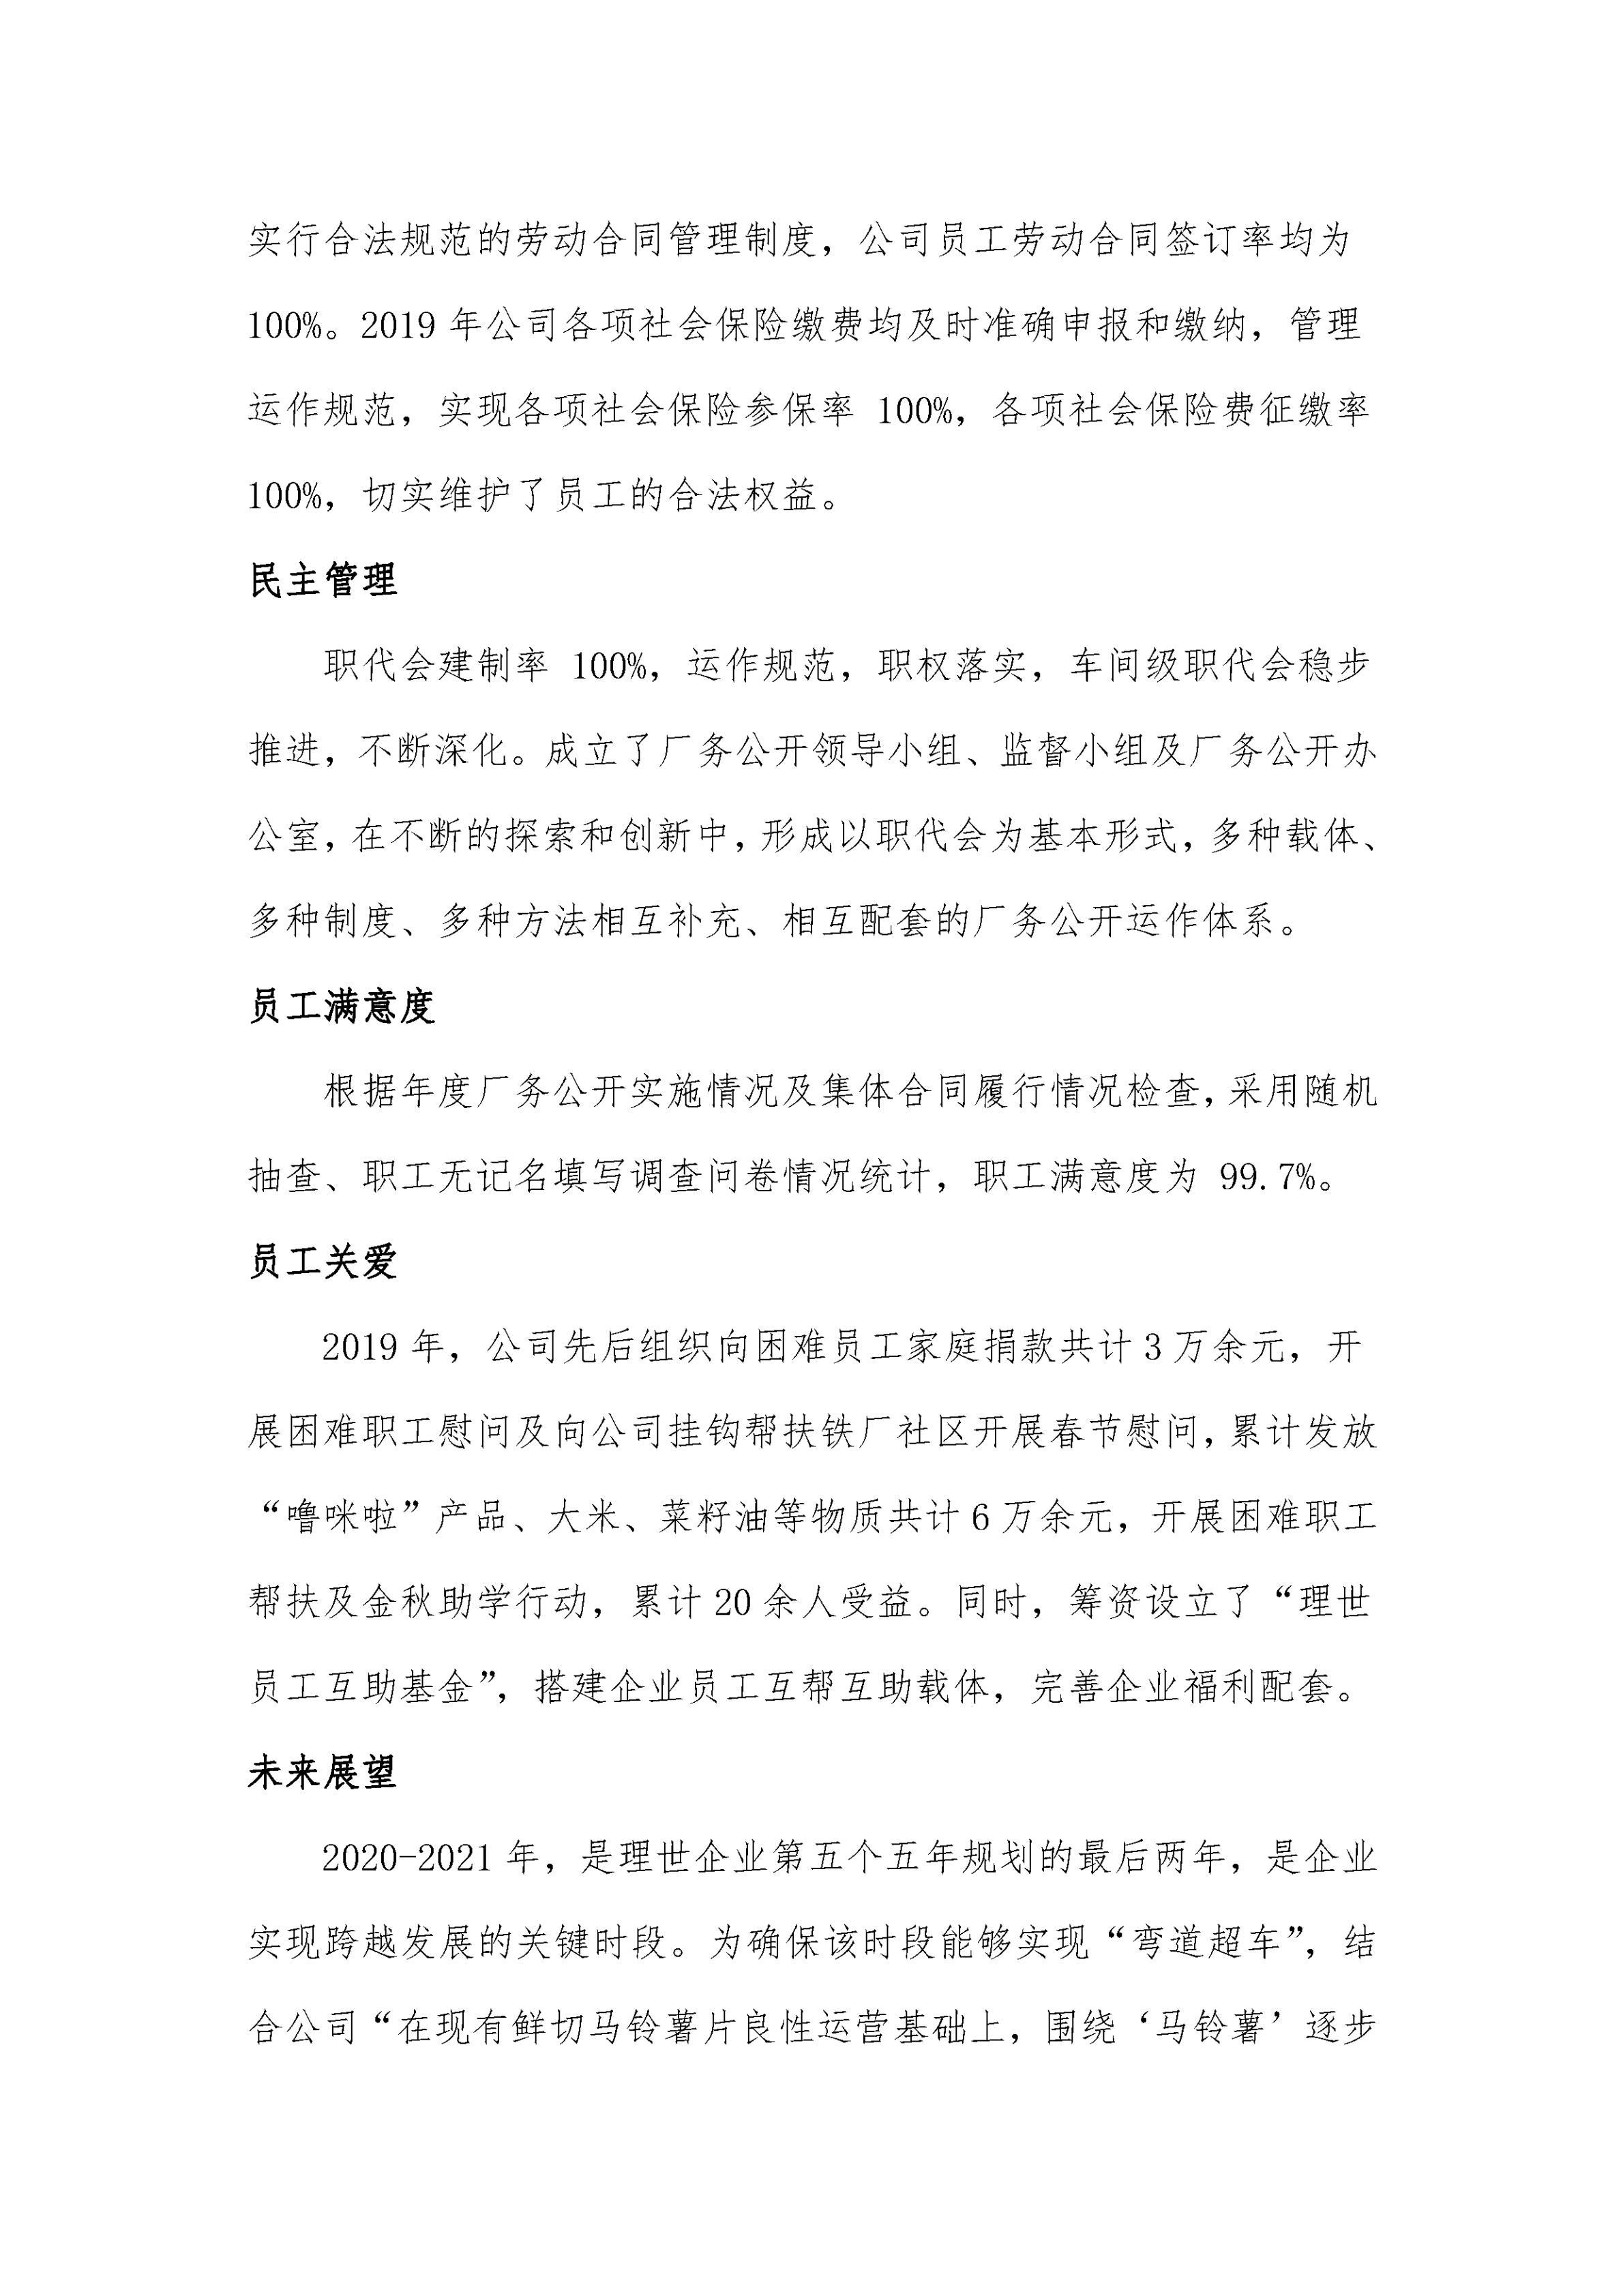 云南理世实业(集团)有限责任公司2019年社会责任报告.FR11_14.jpg